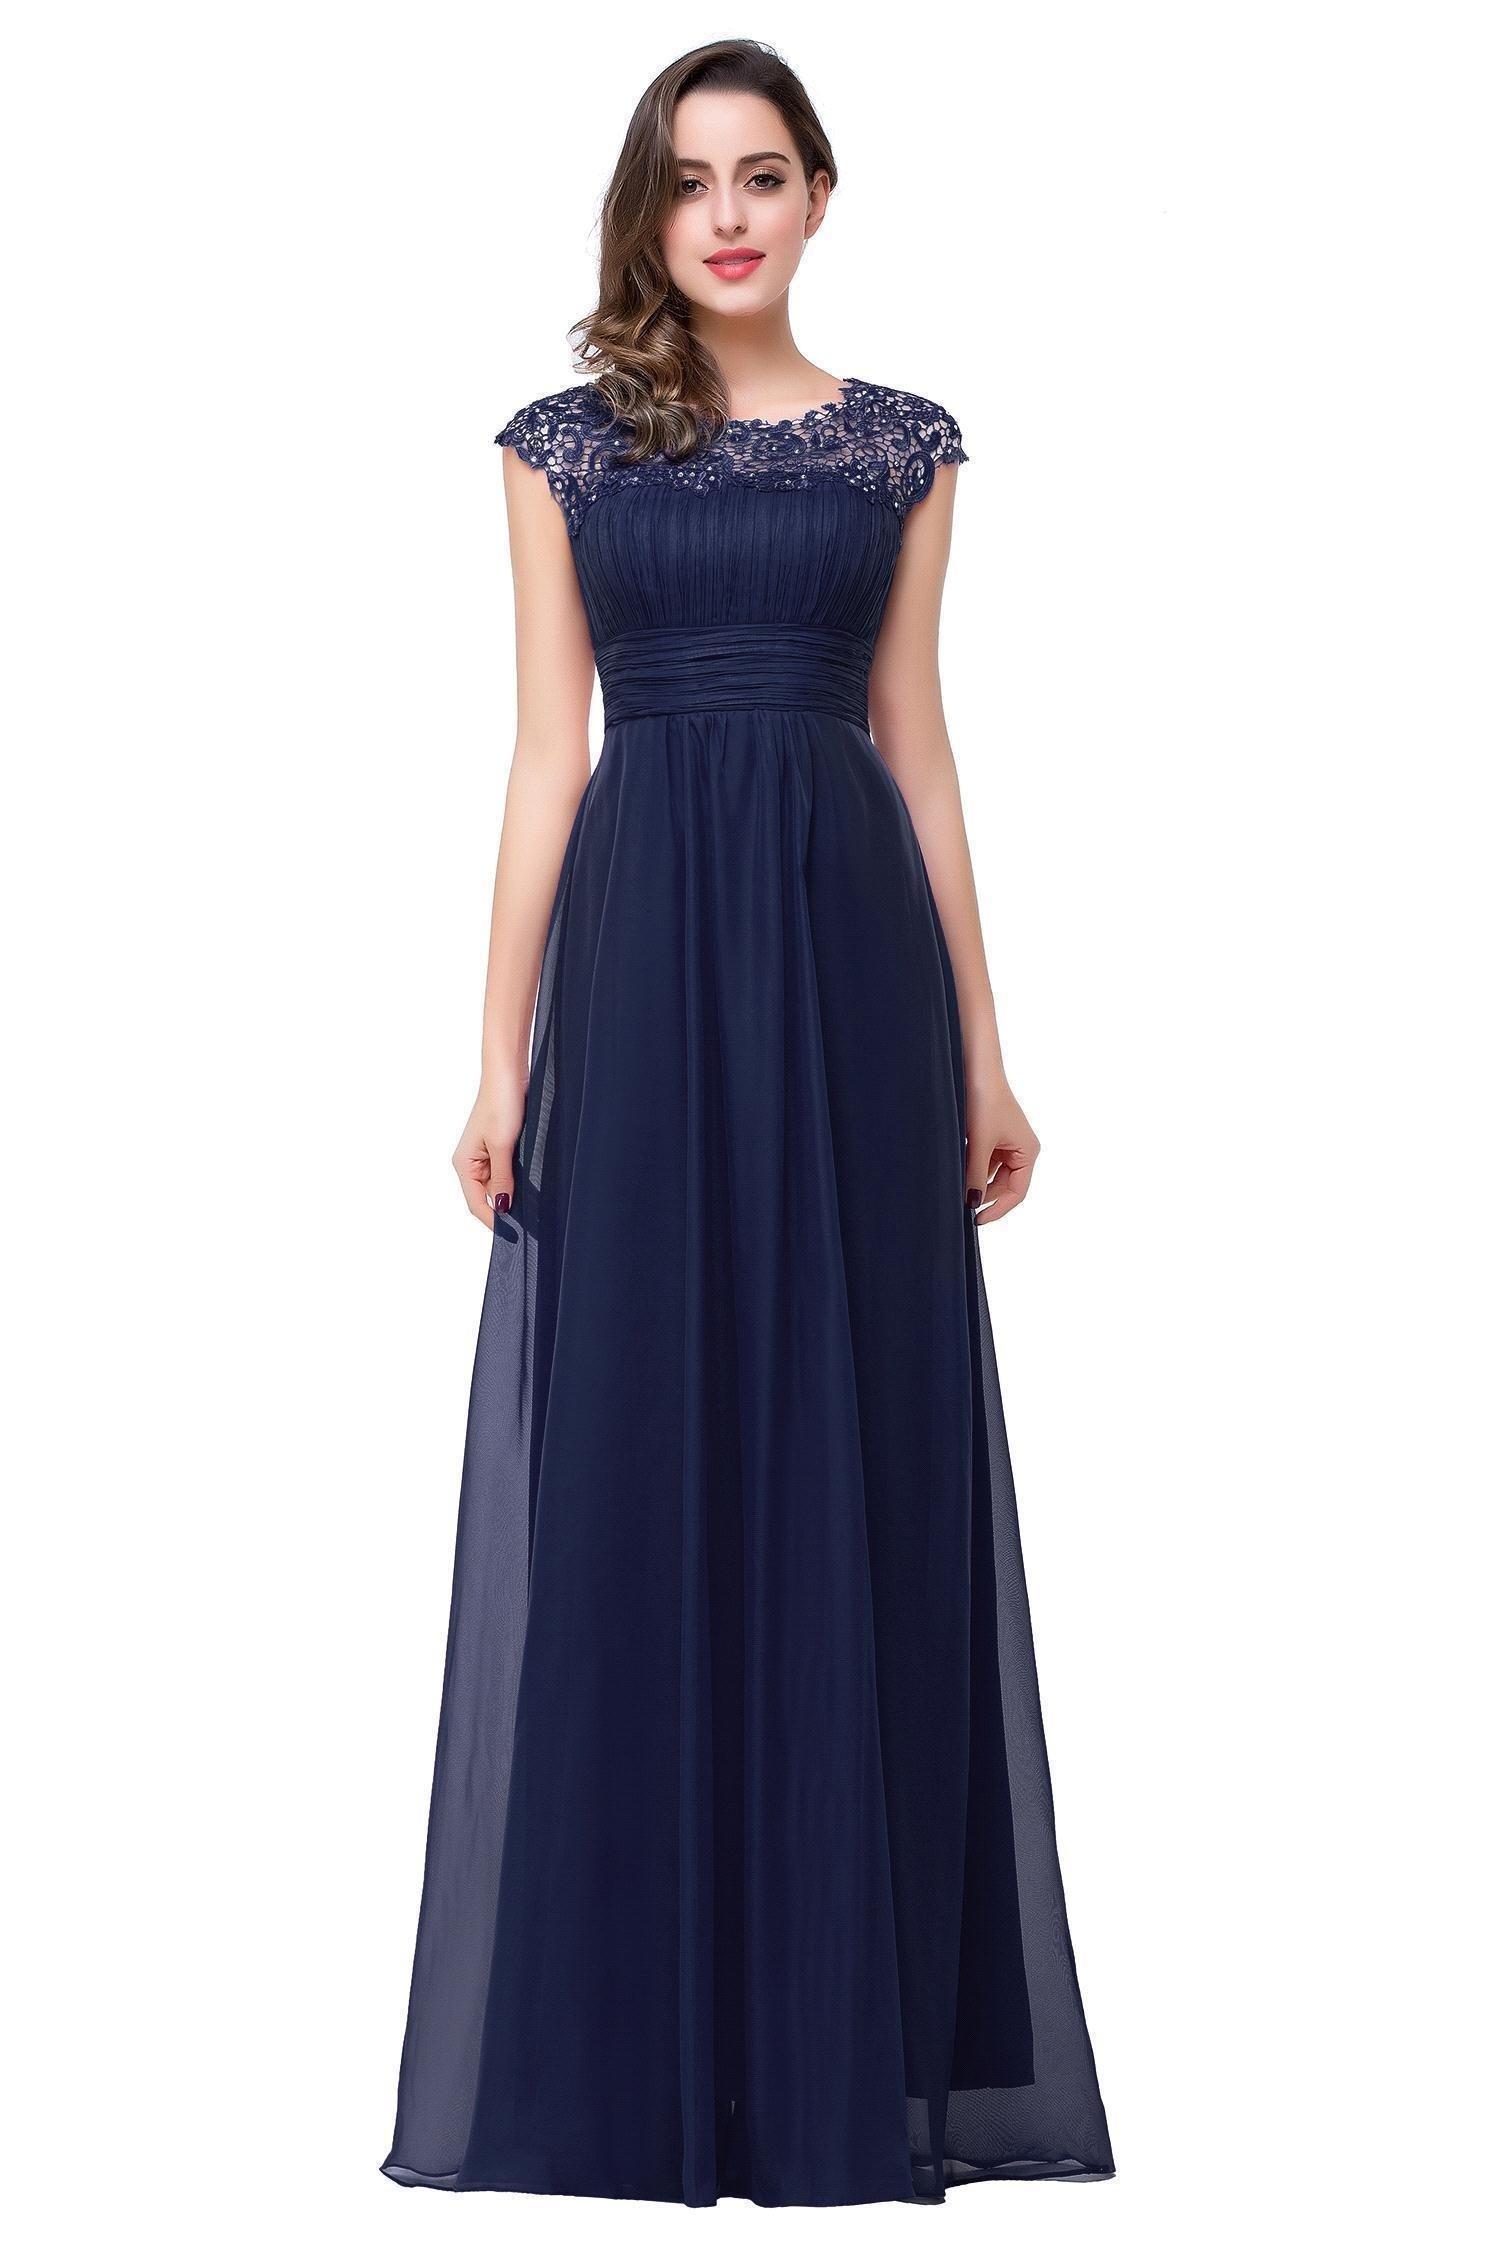 Designer Ausgezeichnet Kleid Mit Spitze Lang VertriebAbend Top Kleid Mit Spitze Lang Vertrieb